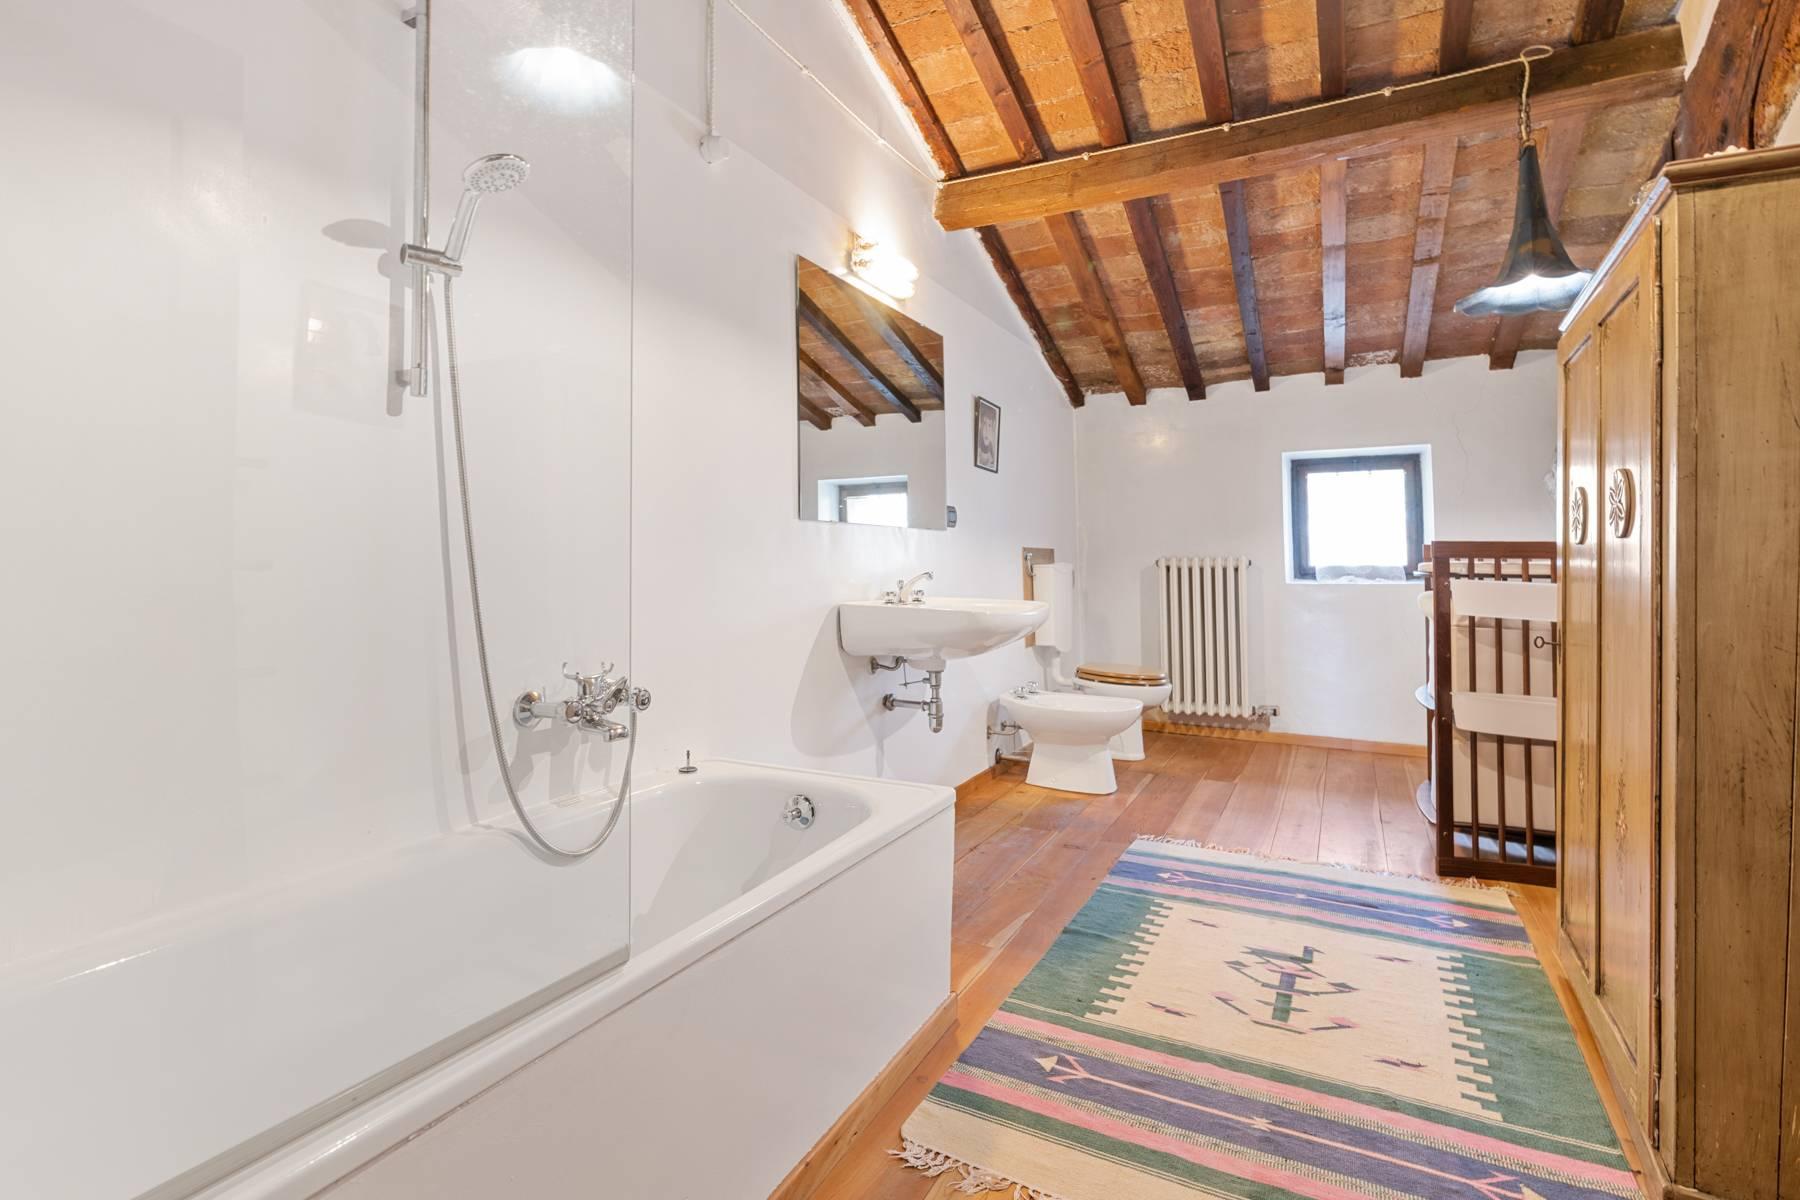 Rustico in Vendita a Caprino Veronese: 5 locali, 770 mq - Foto 24